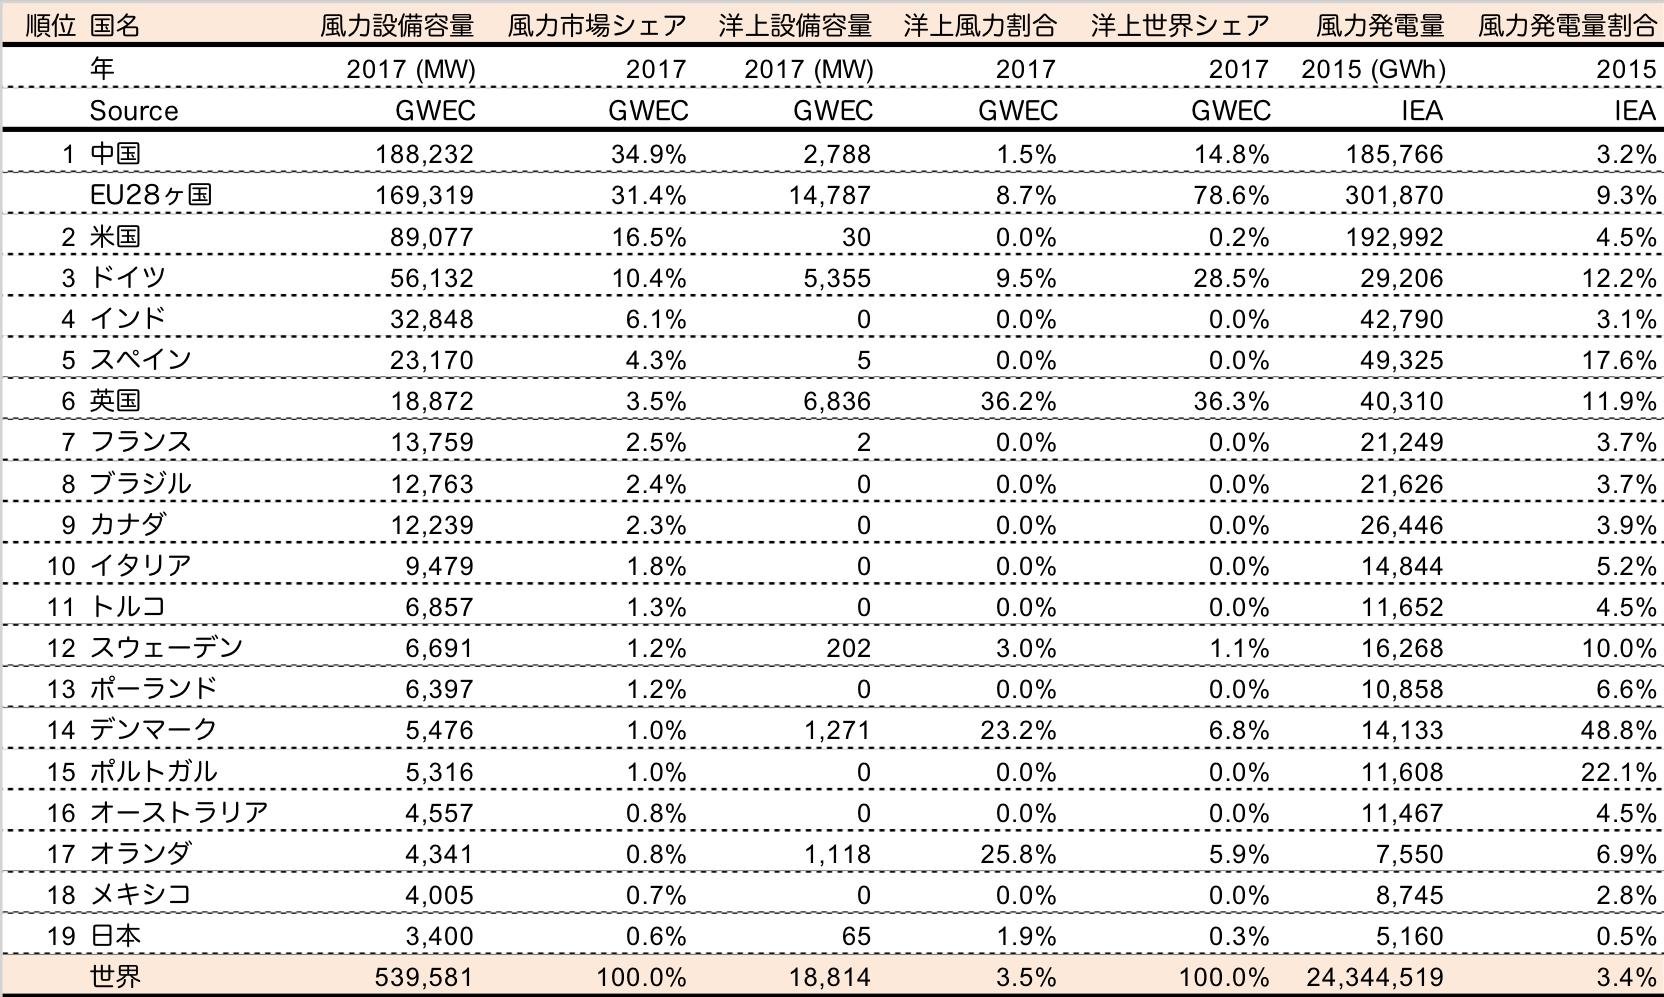 【エネルギー】世界の風力発電導入量と市場環境 〜2017年の概況〜 5